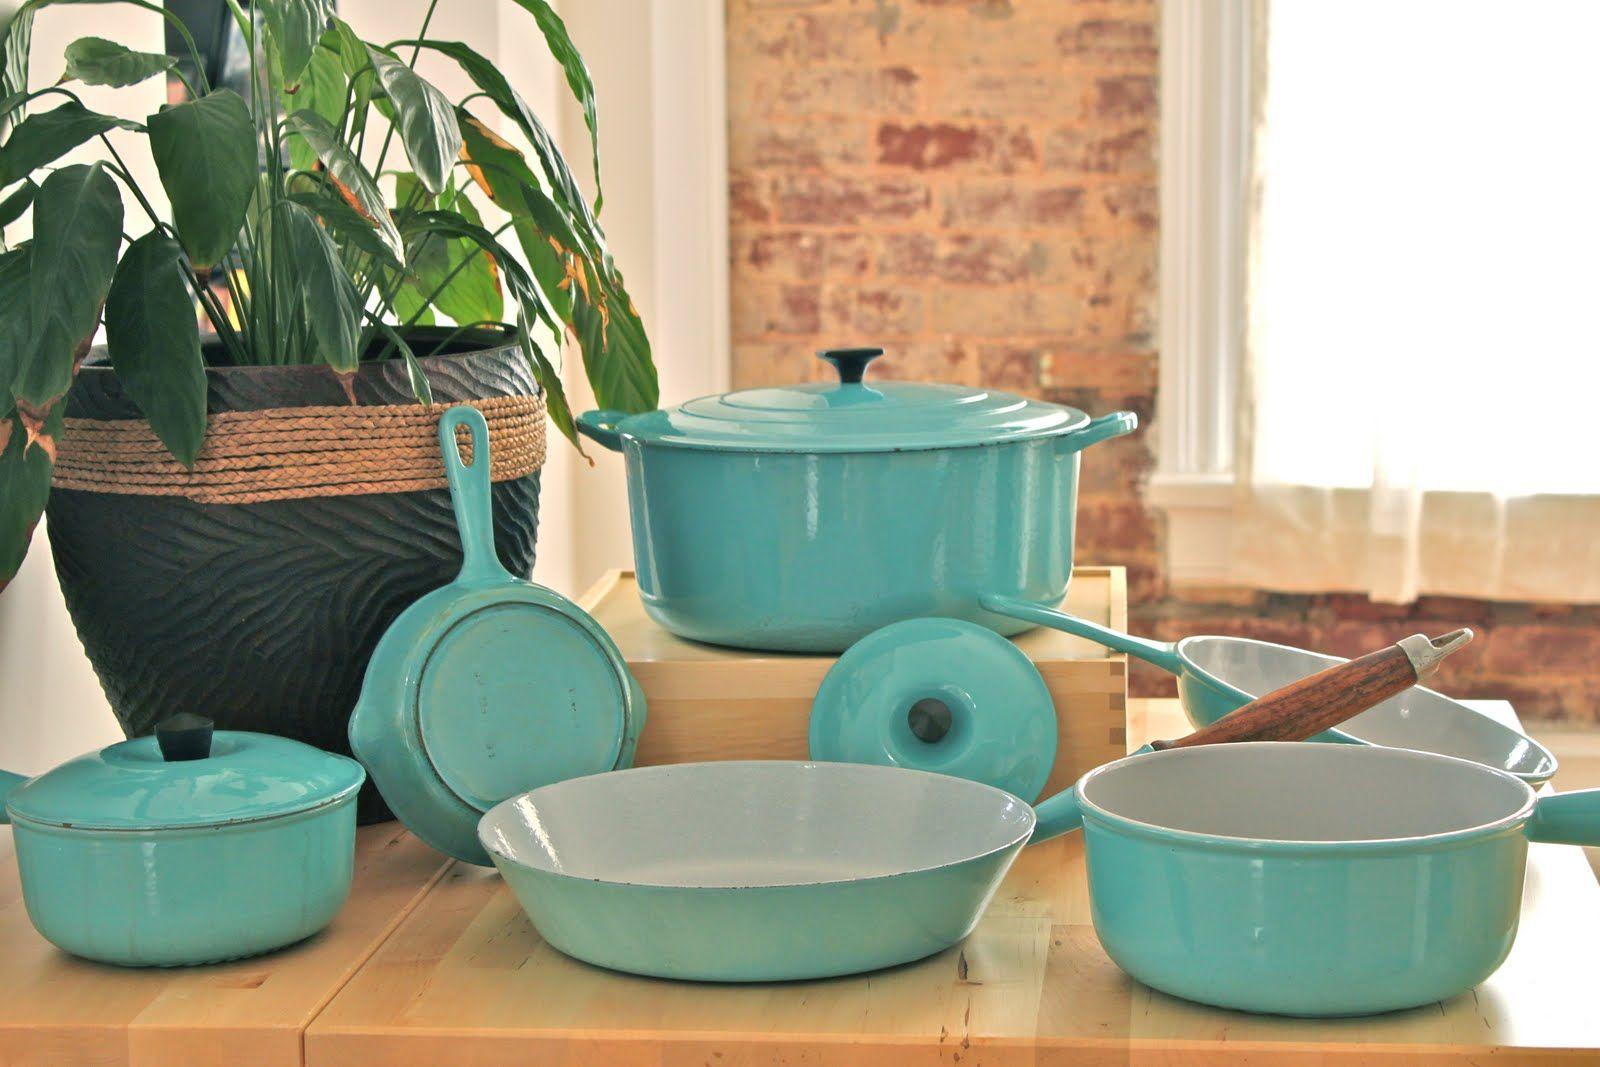 Vintage Le Creuset kitchenware in Paris Blue. | Decor | Pinterest ...